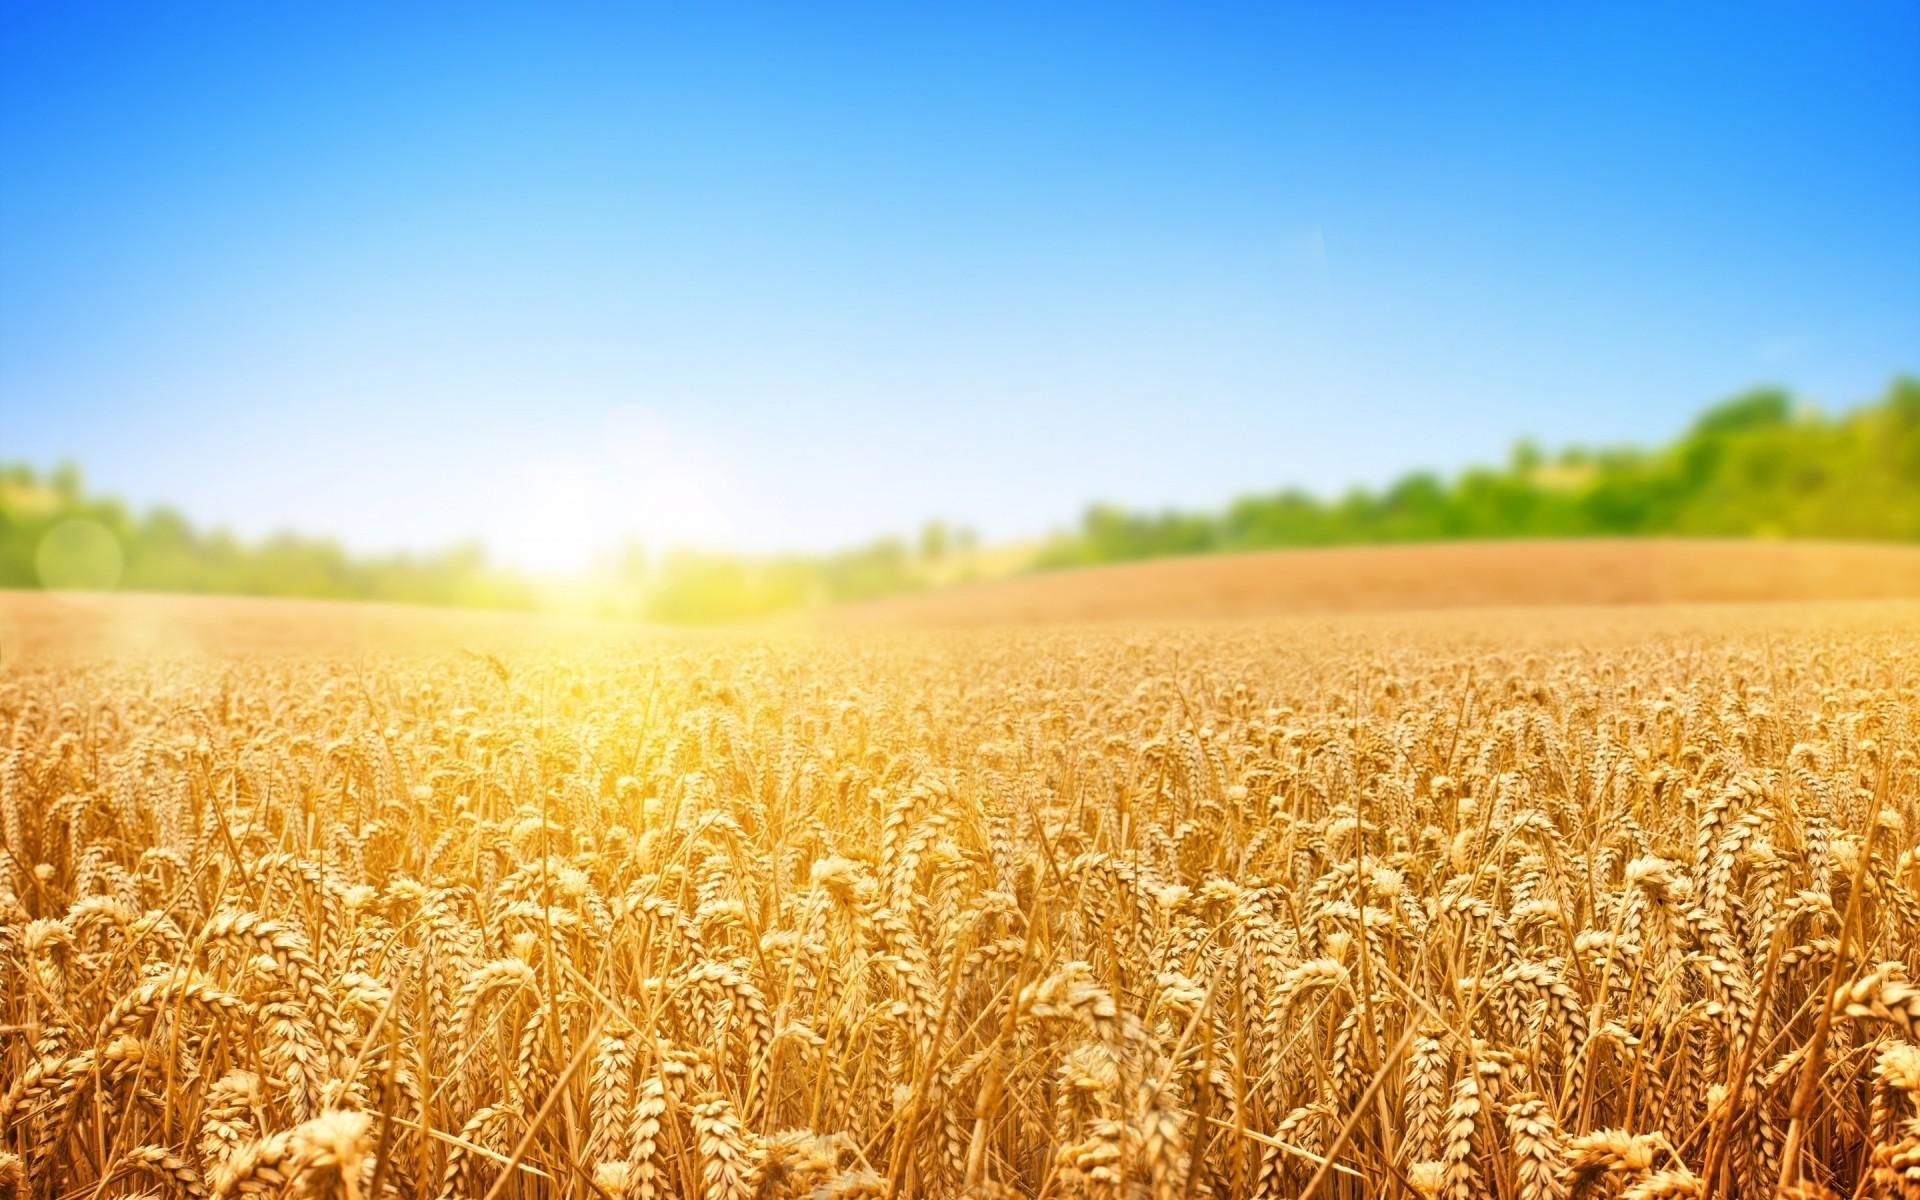 Картинки с пшеницей и рожью, надписью